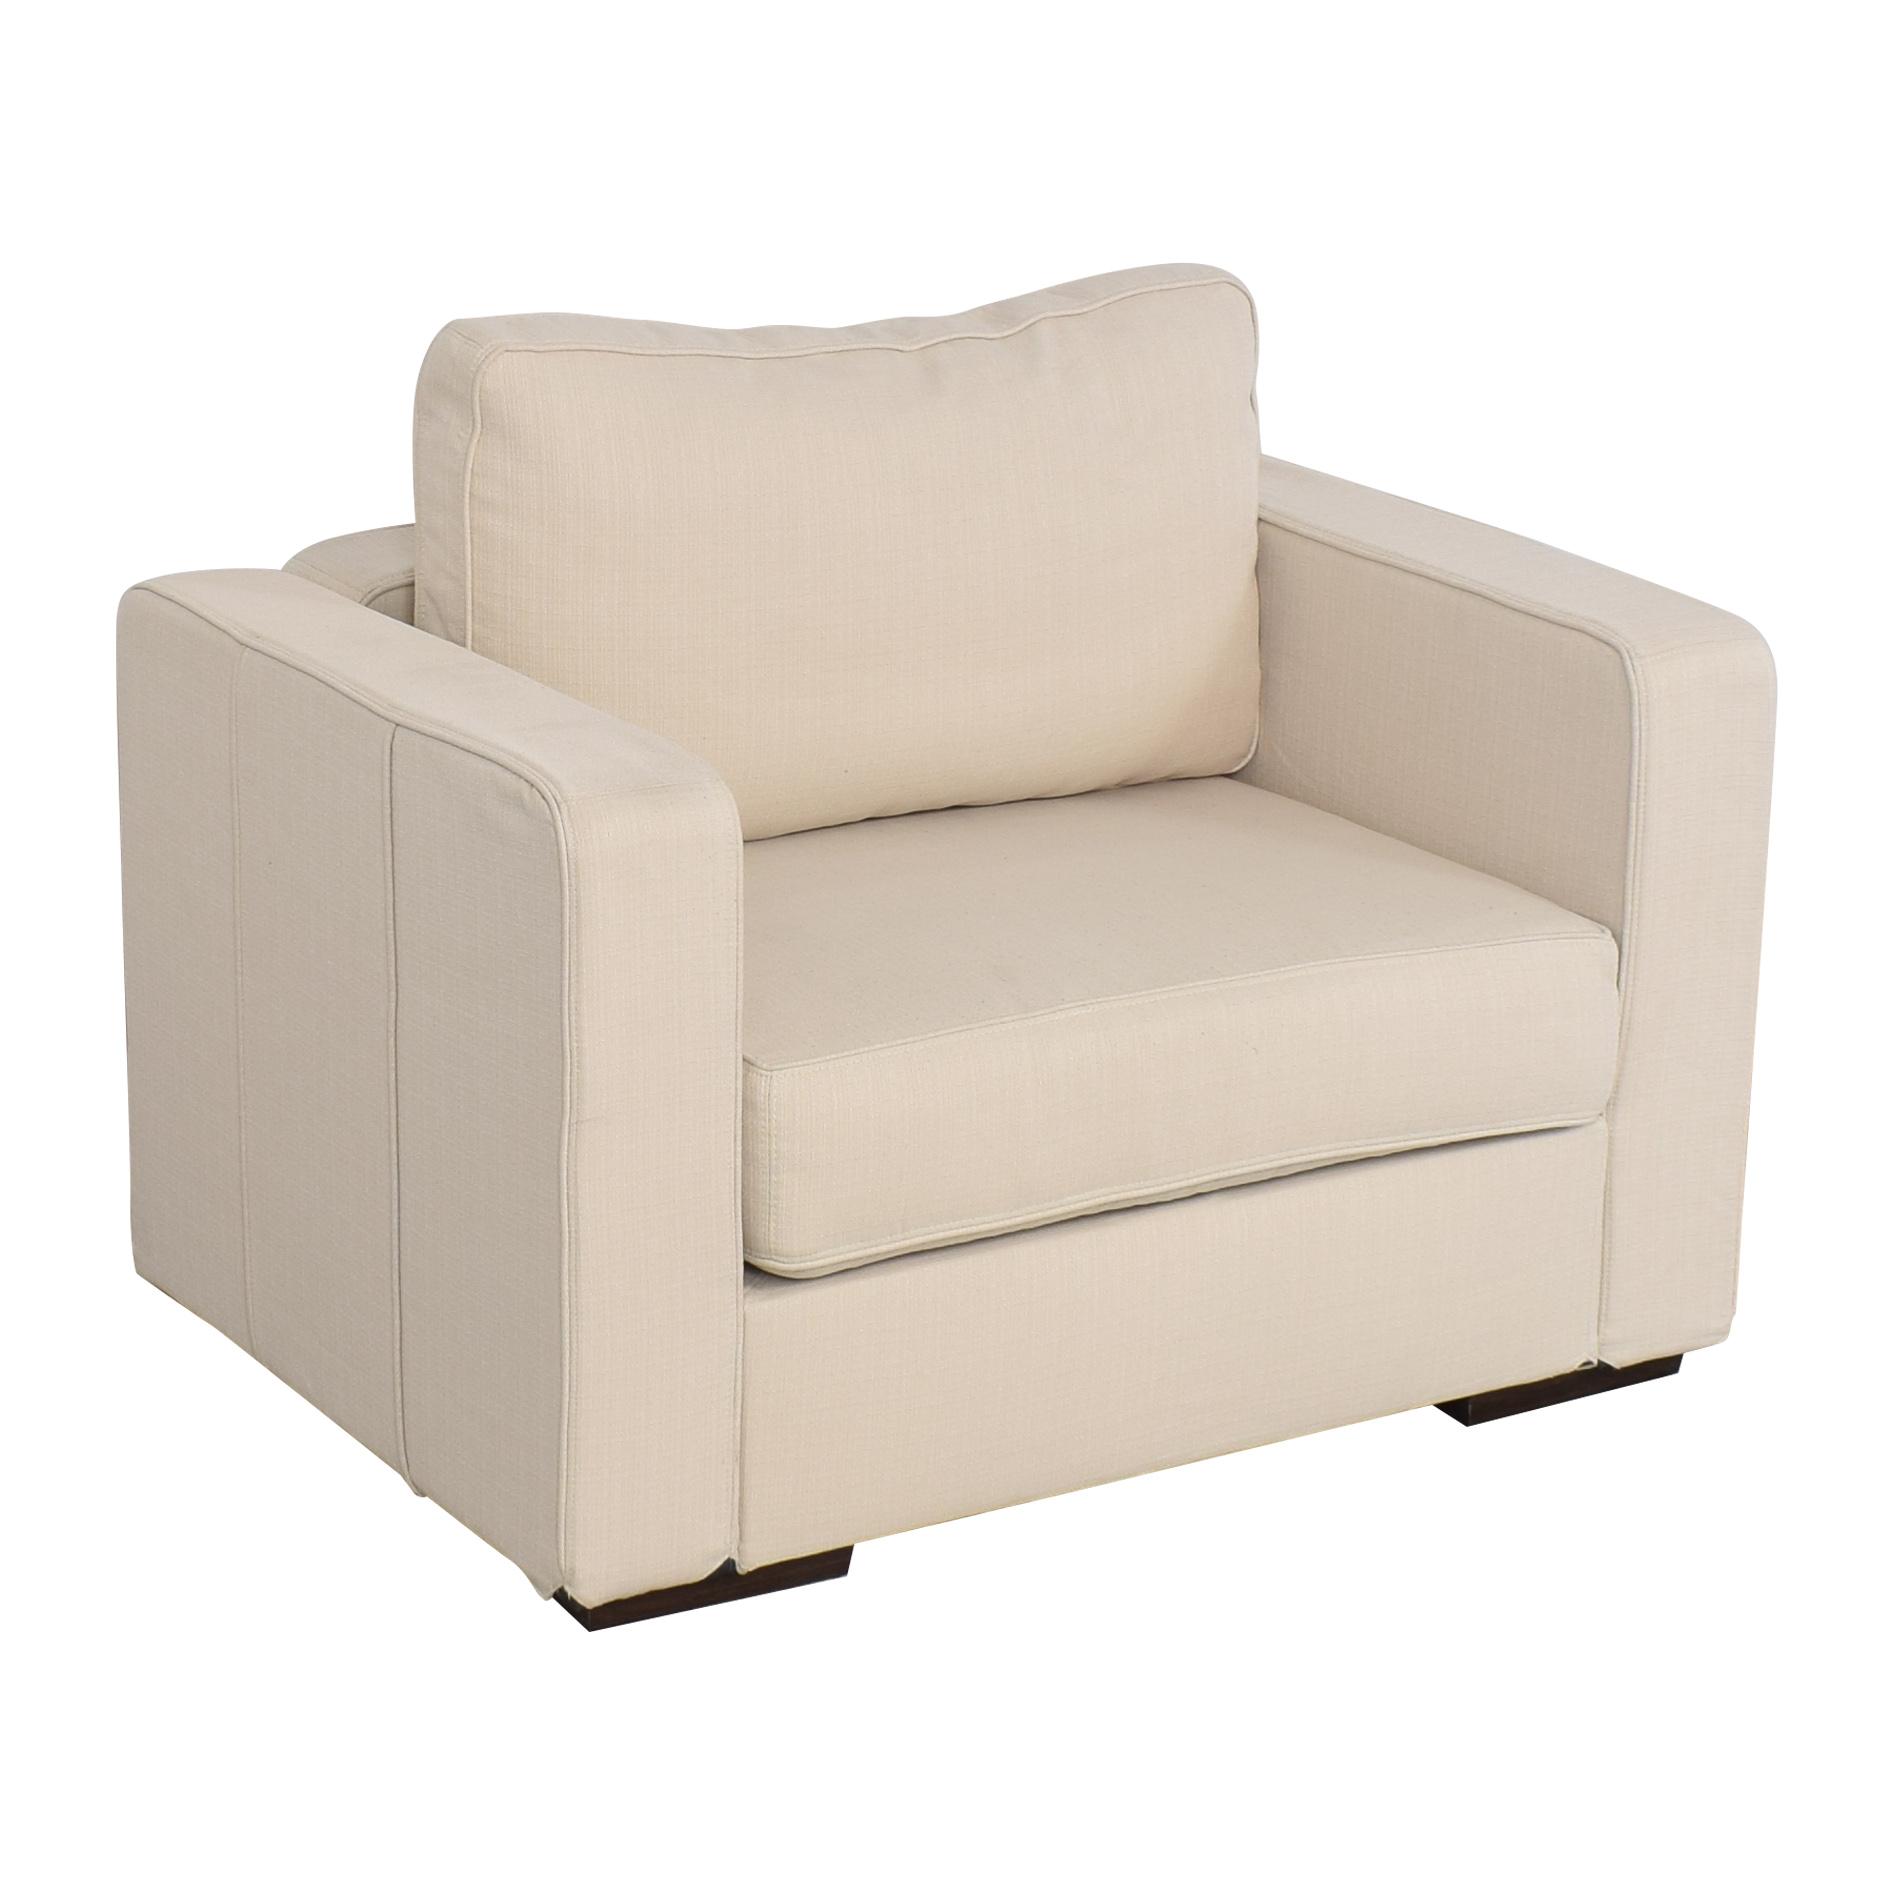 Lovesac Lovesac Single Seat Sactional pa